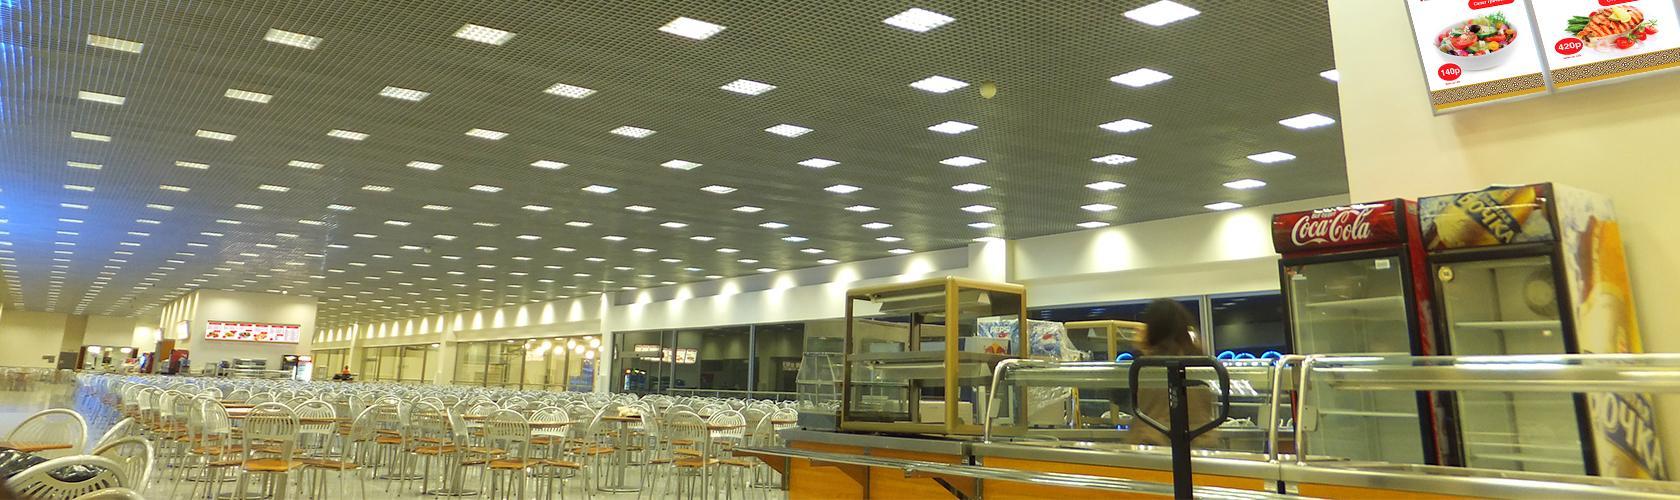 Разработка, производство и обслуживание световых меню для кафе и торговых сетей быстрого питания.